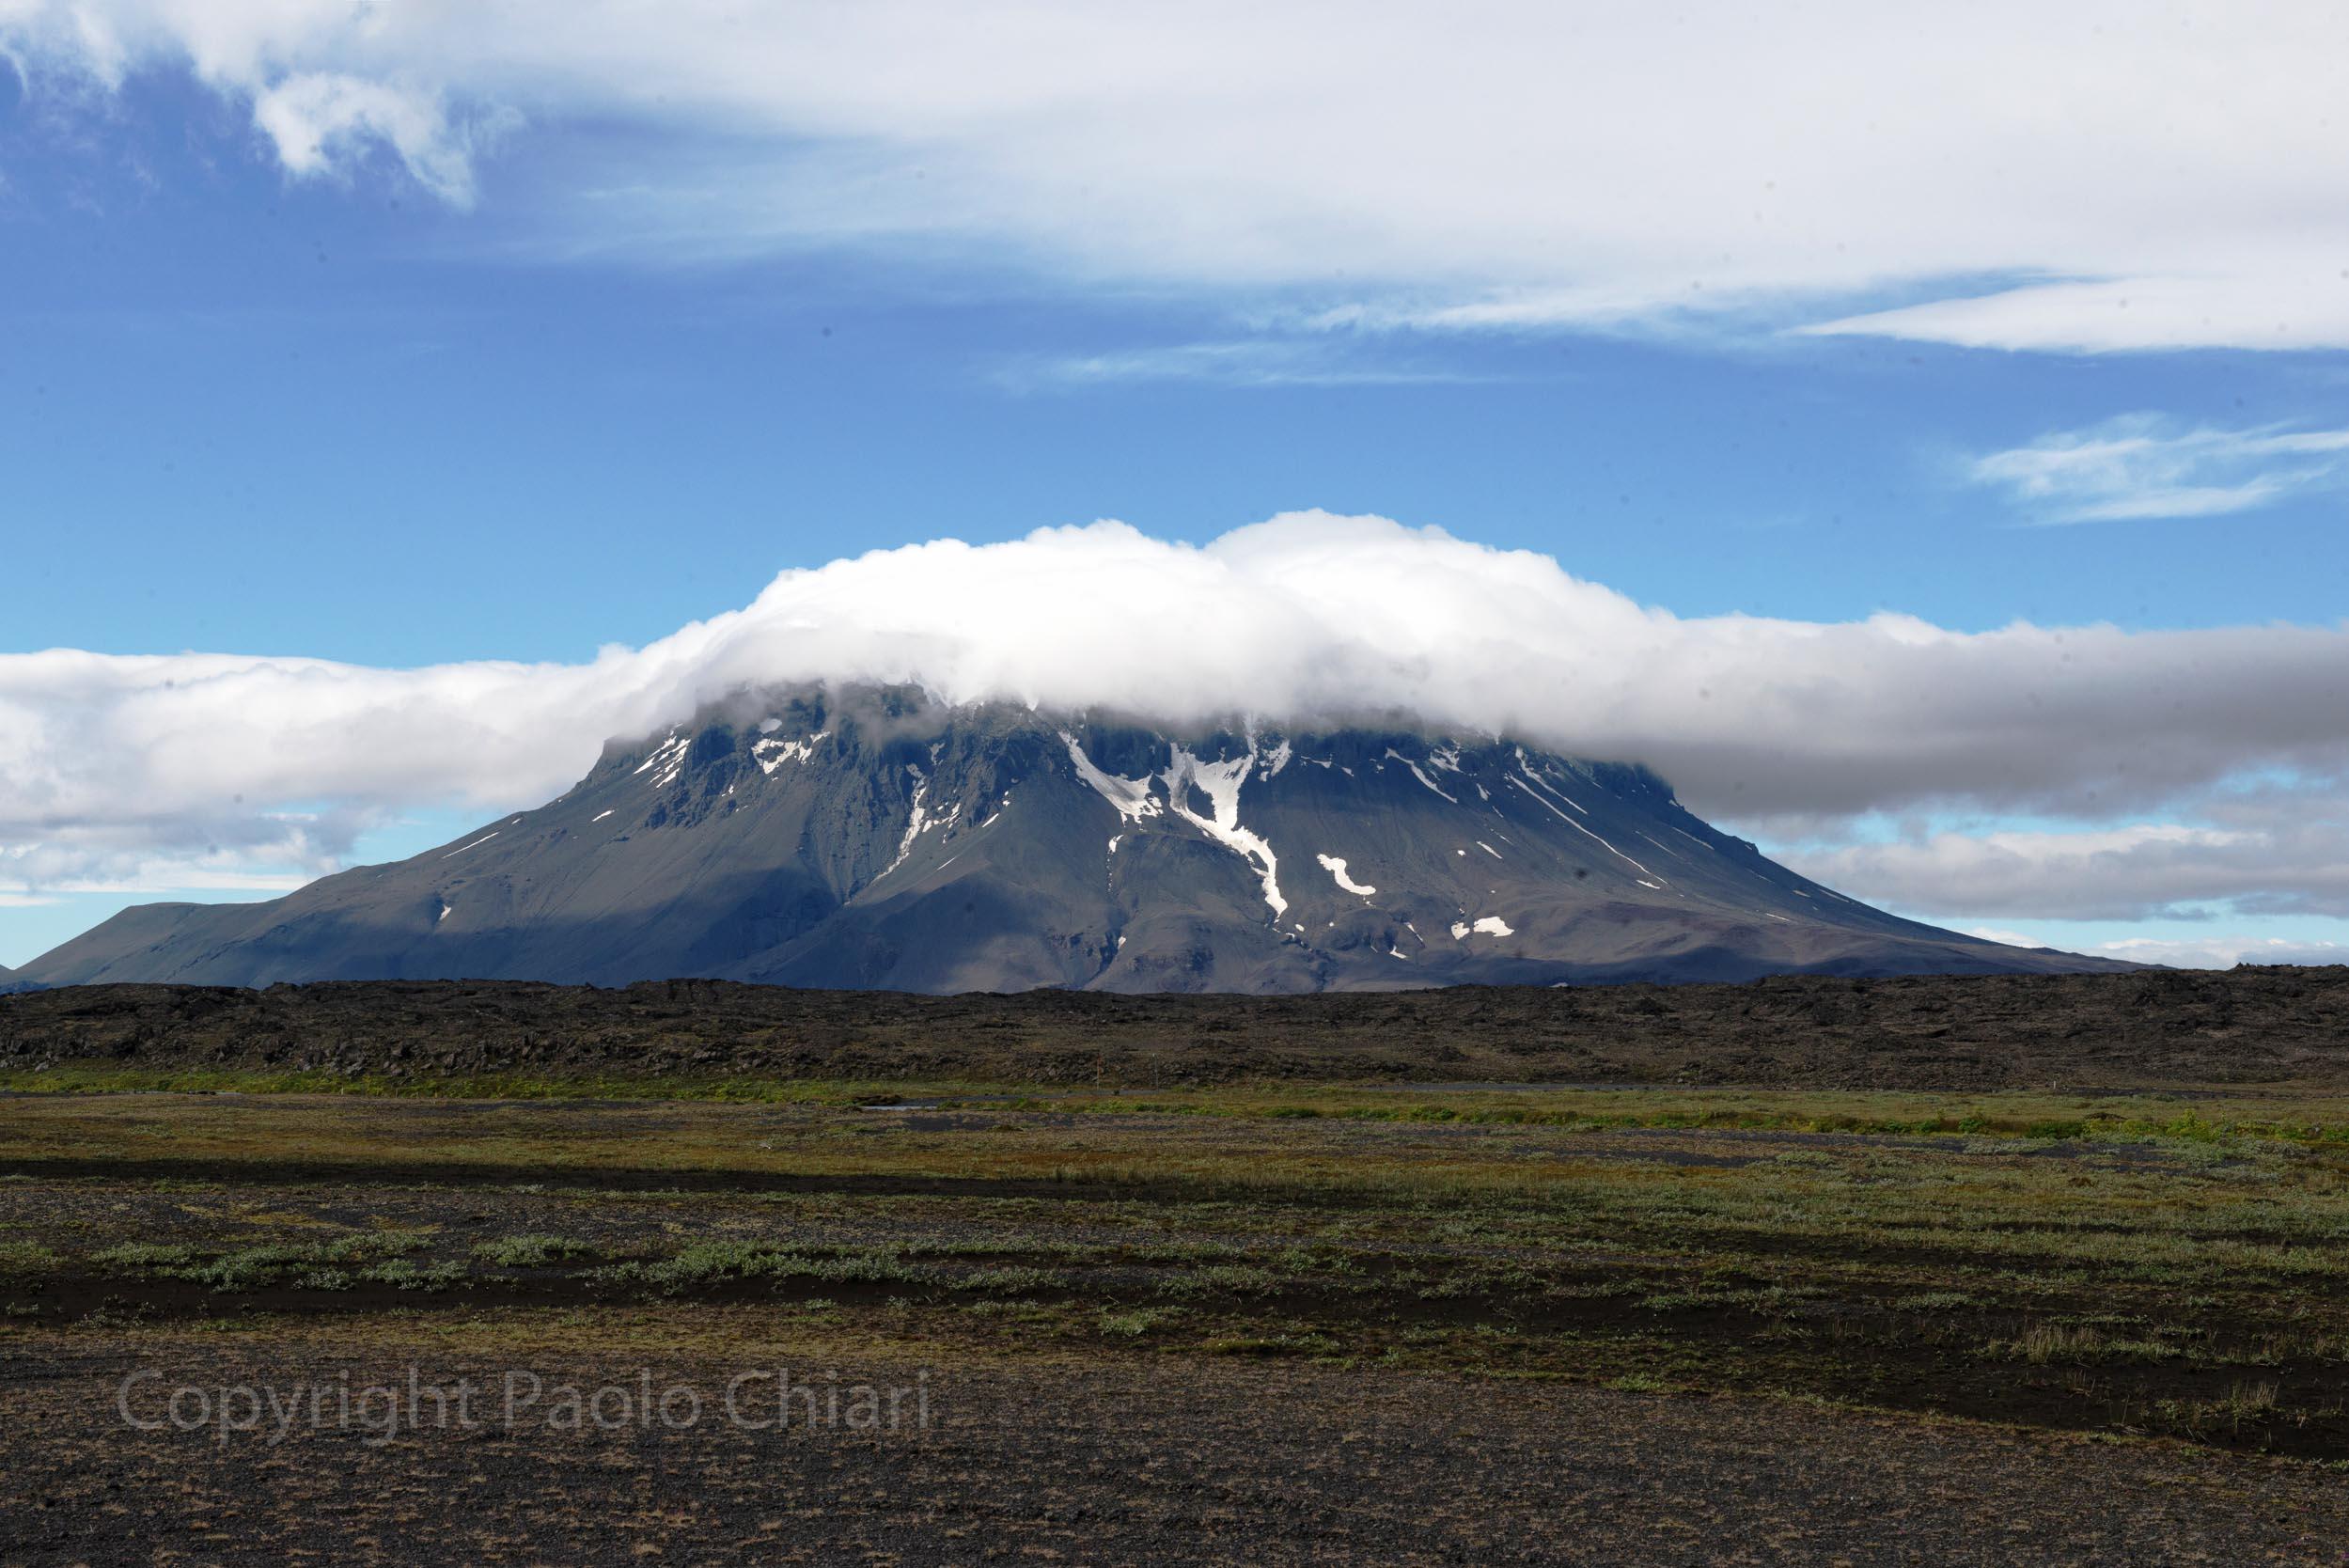 Il tipico vulcano a cima piatta del centro dell'Islanda